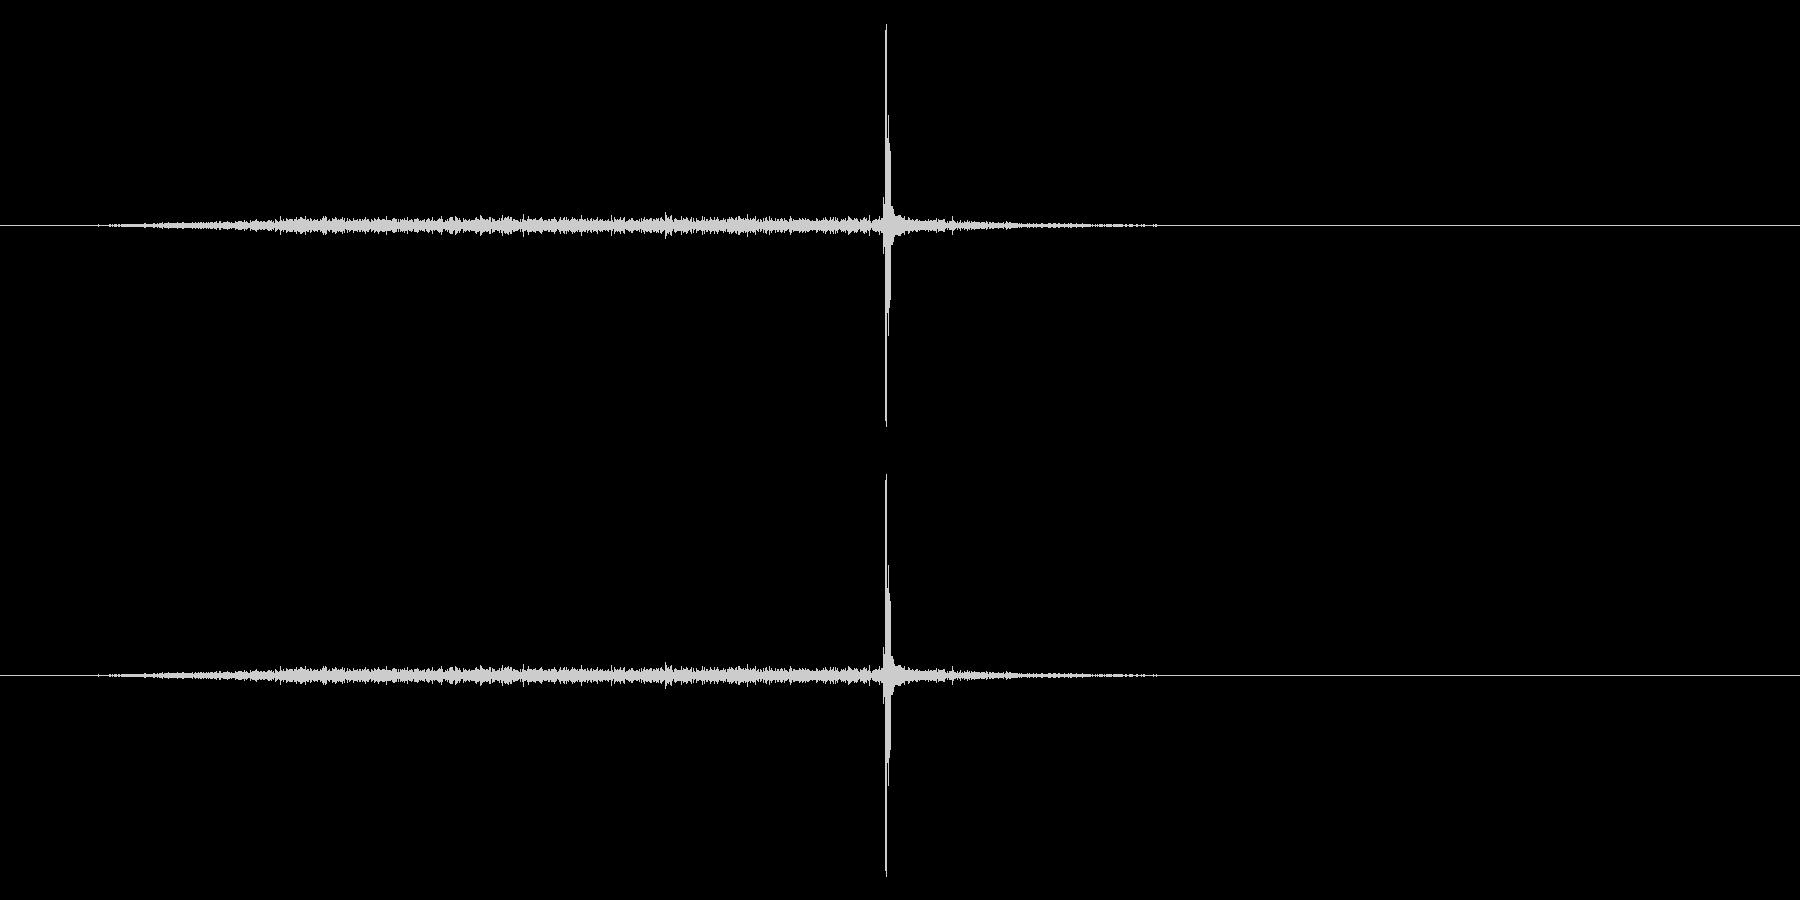 PC 駆動音01-03(強制シャットダウの未再生の波形